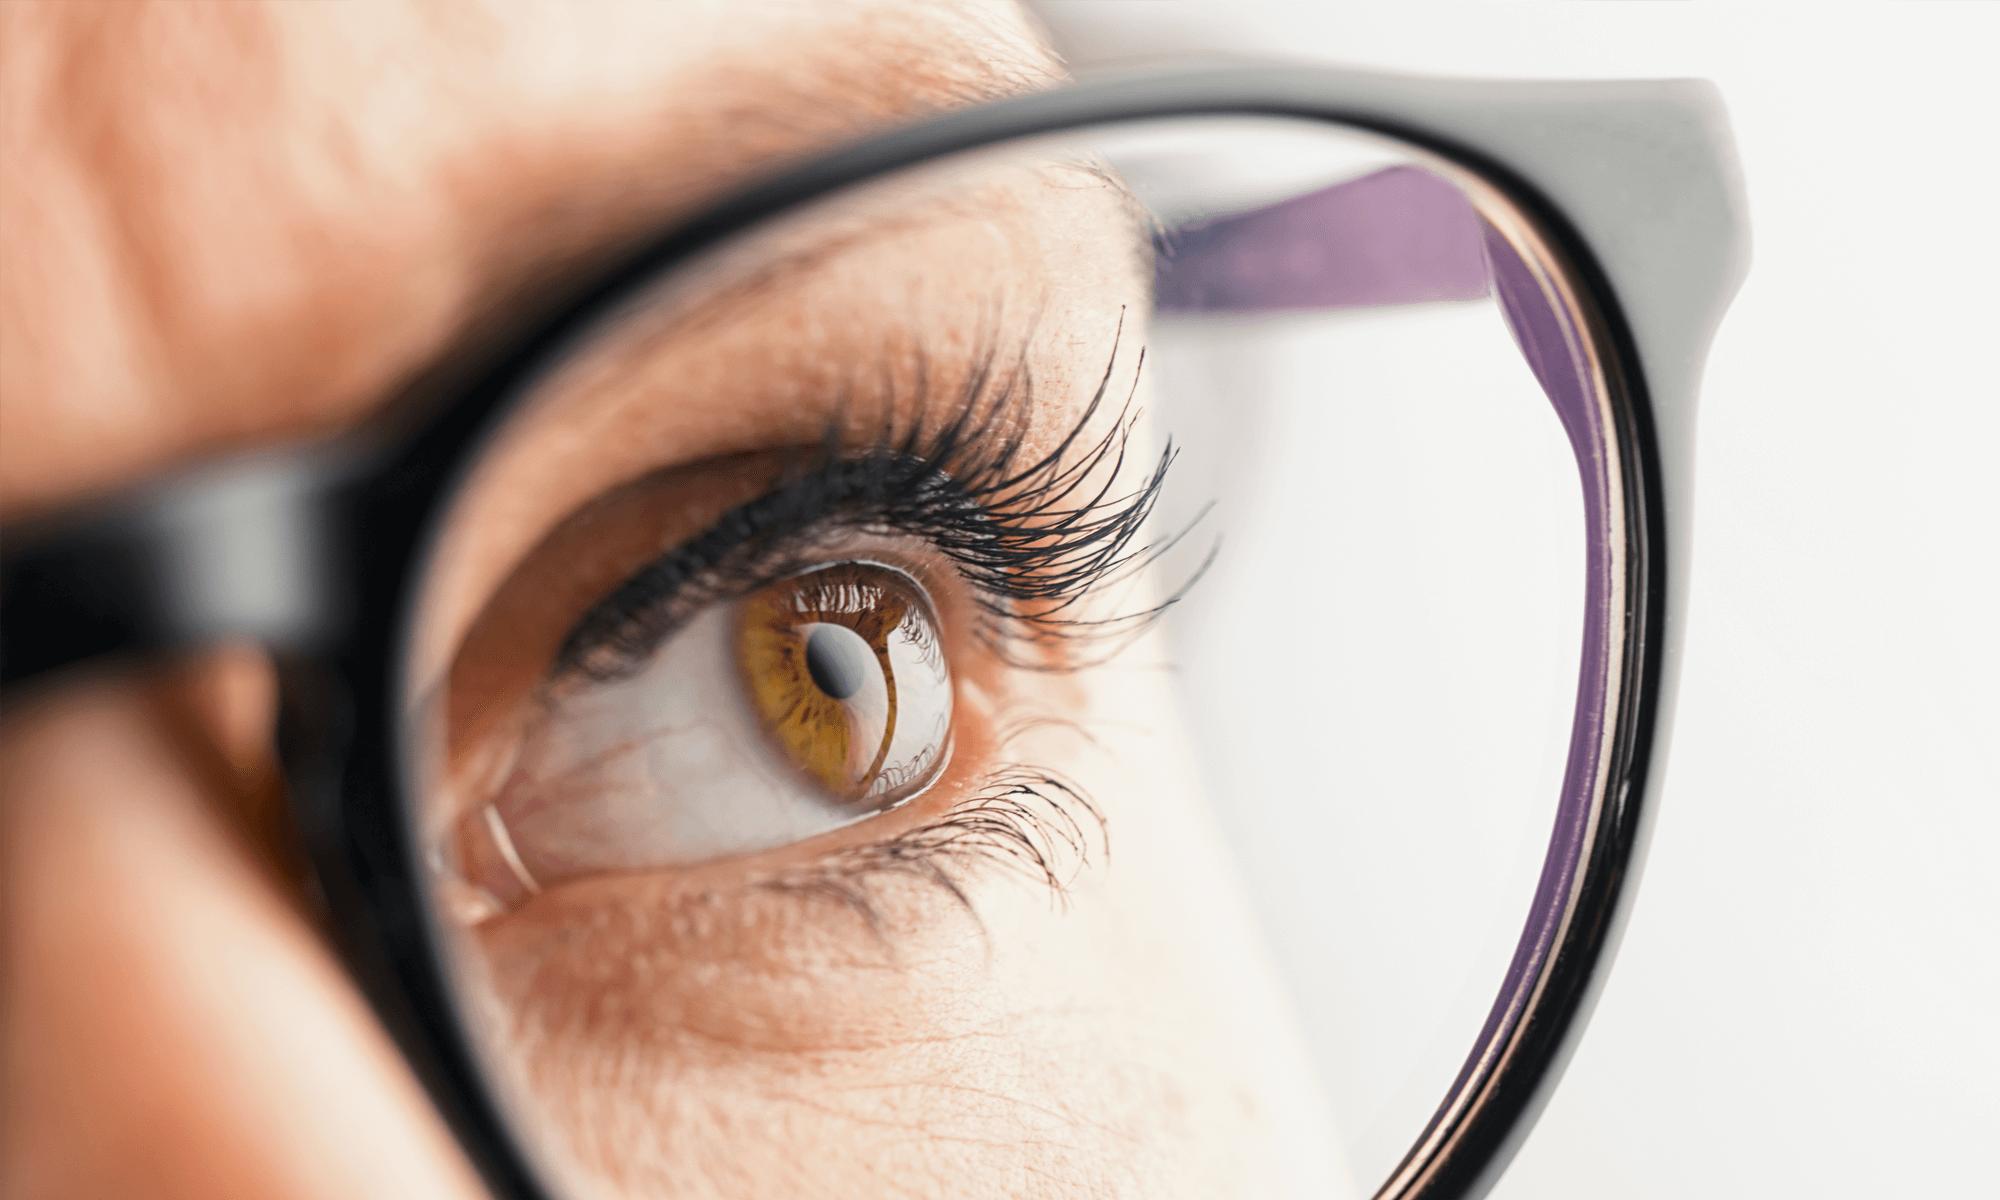 optics4life - Fachhandel für Augenoptik